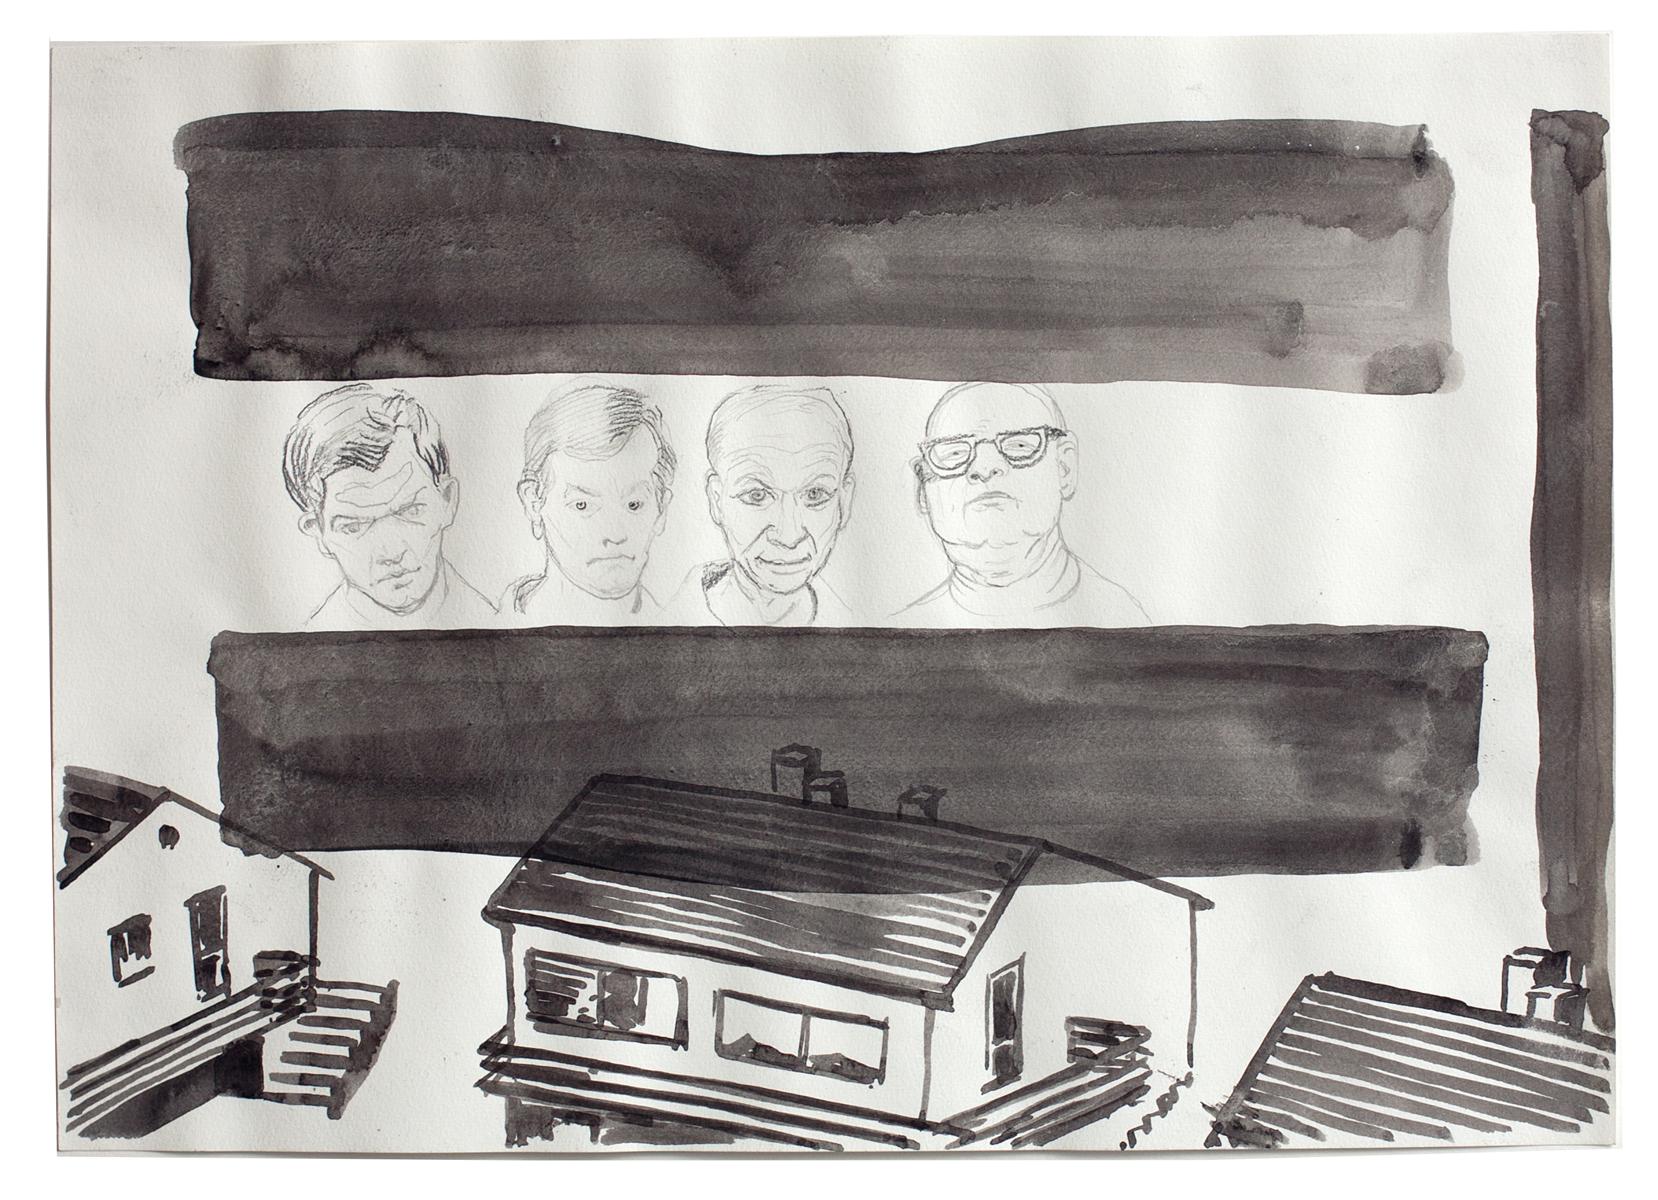 ohne Titel_2008 / 42 x 29,7 cm_Bleistift/Tusche/Papier